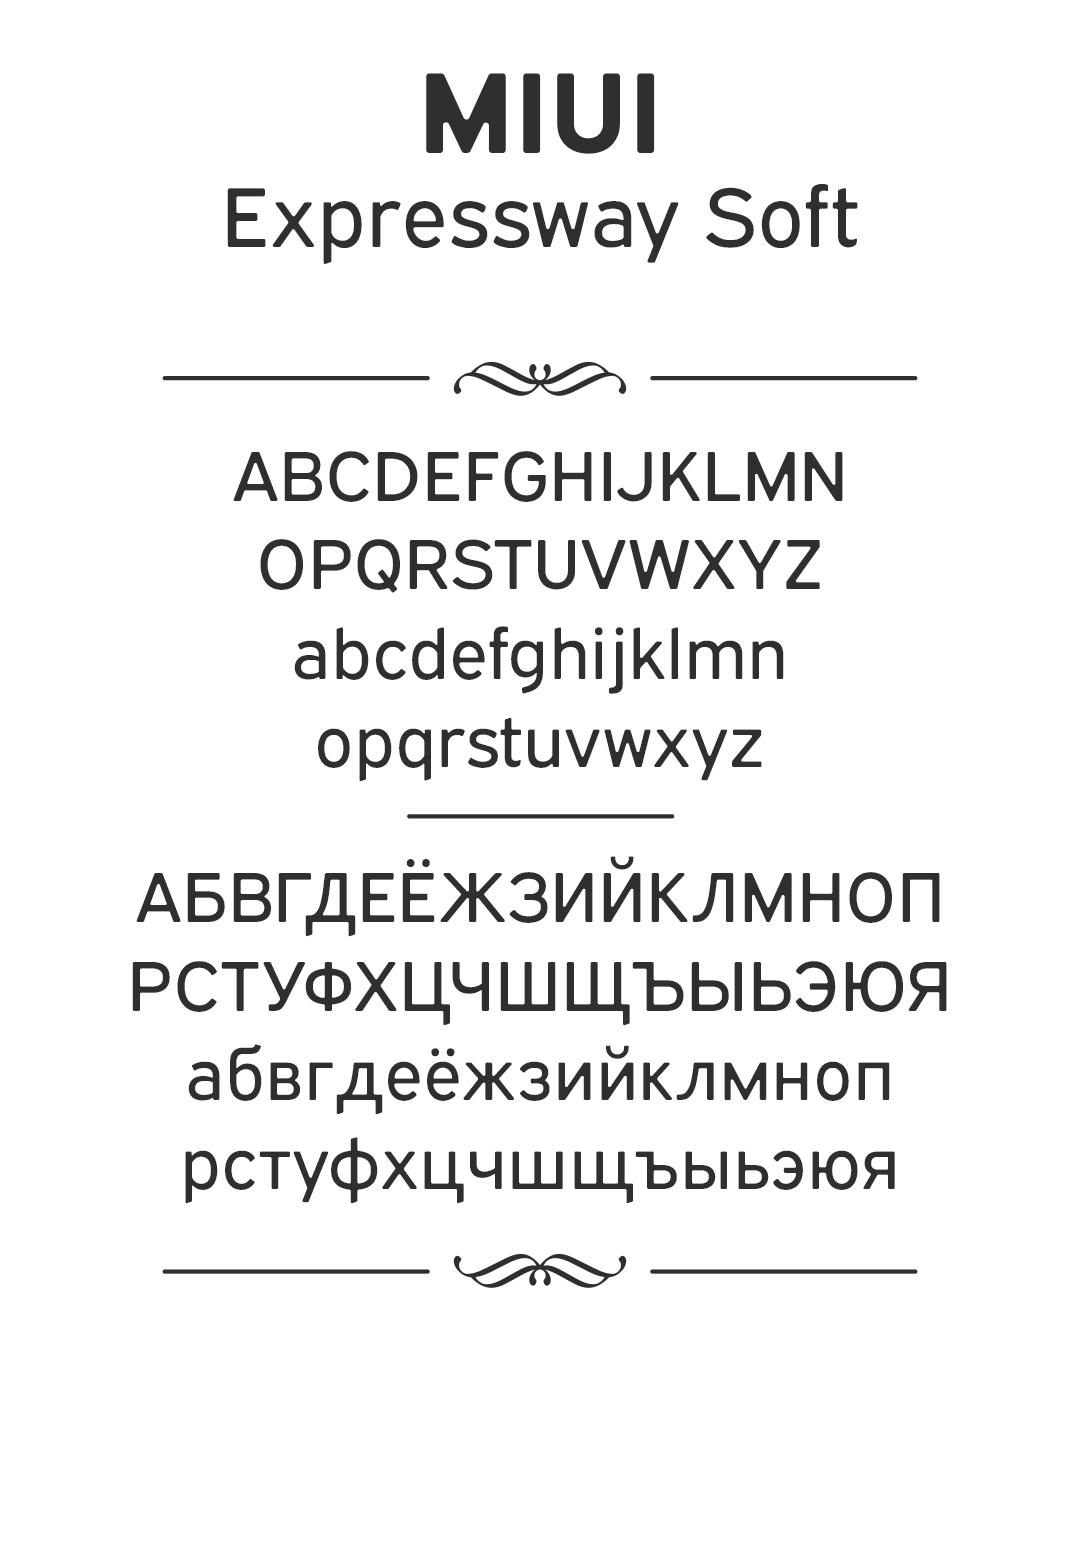 preview fonts big 0 8